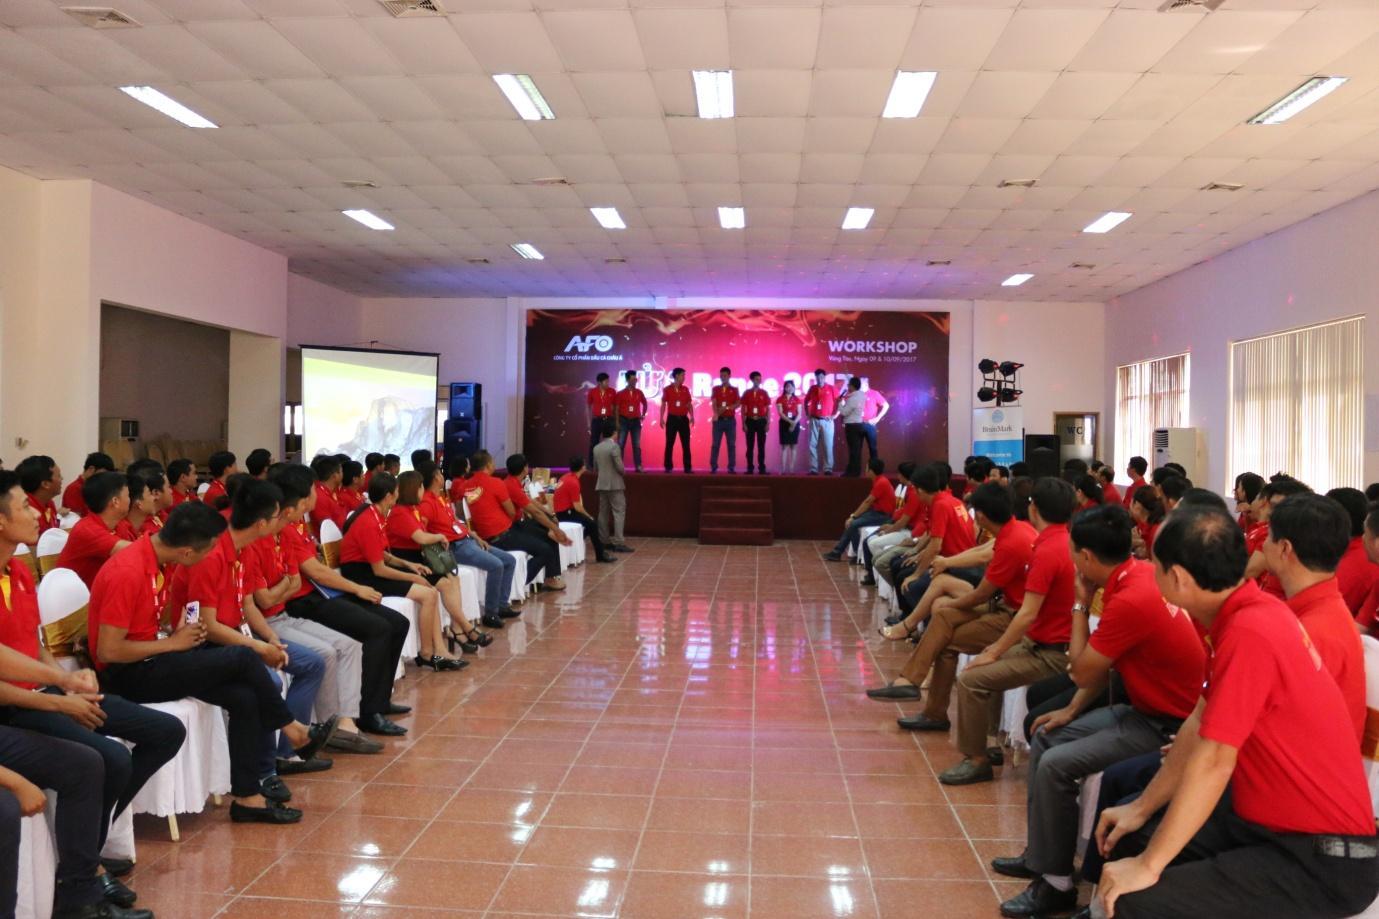 1. Tập thể CBNV Công ty AFO tham gia lớp đào tạo kỹ năng bán hàng và kỹ năng làm việc nhóm.JPG